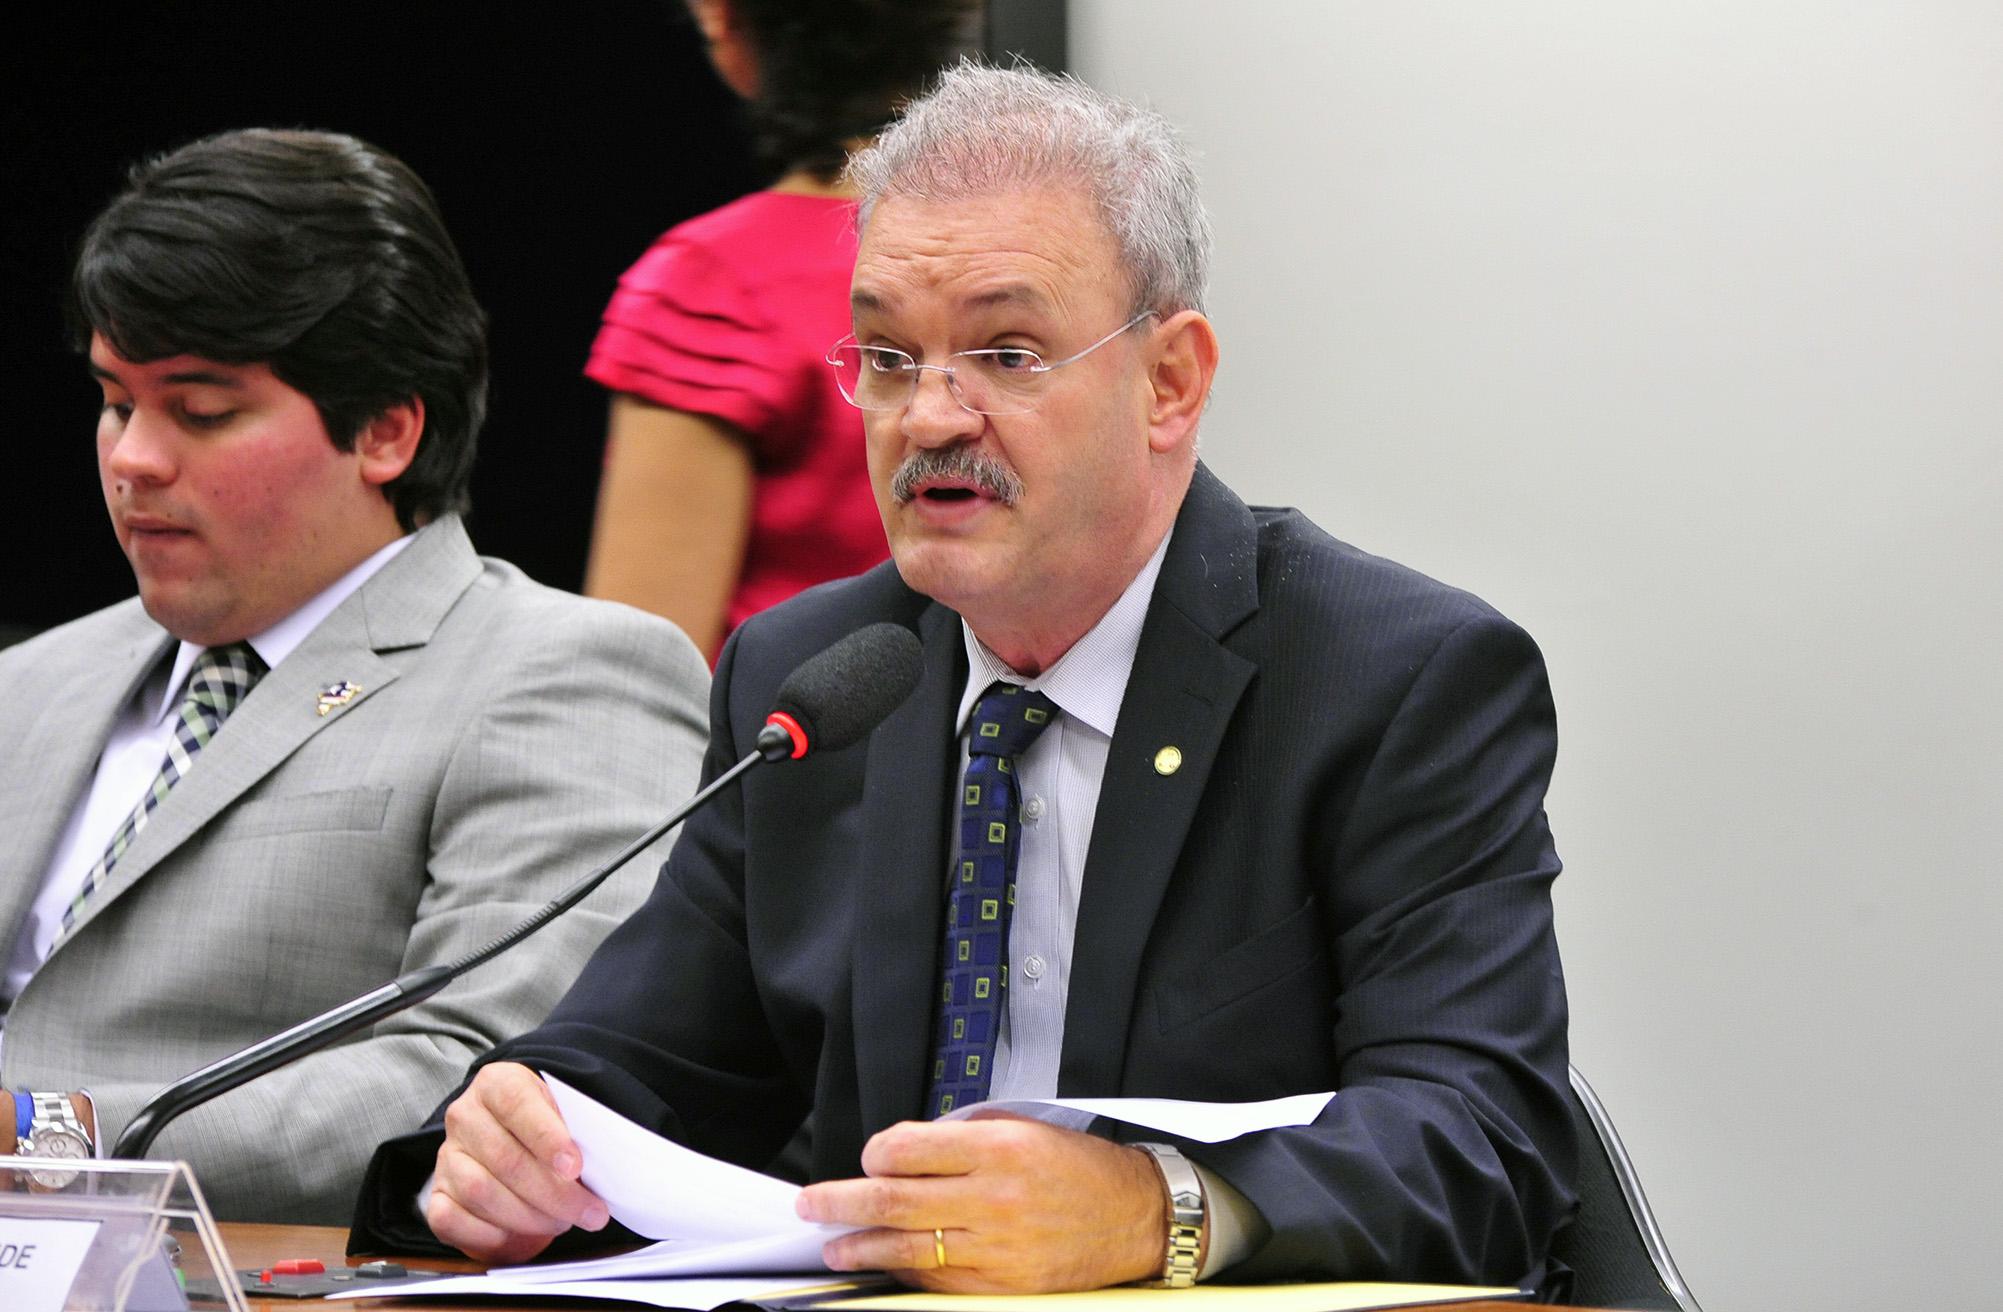 Audiência Pública. Dep. Geraldo Resende (PMDB - MS)